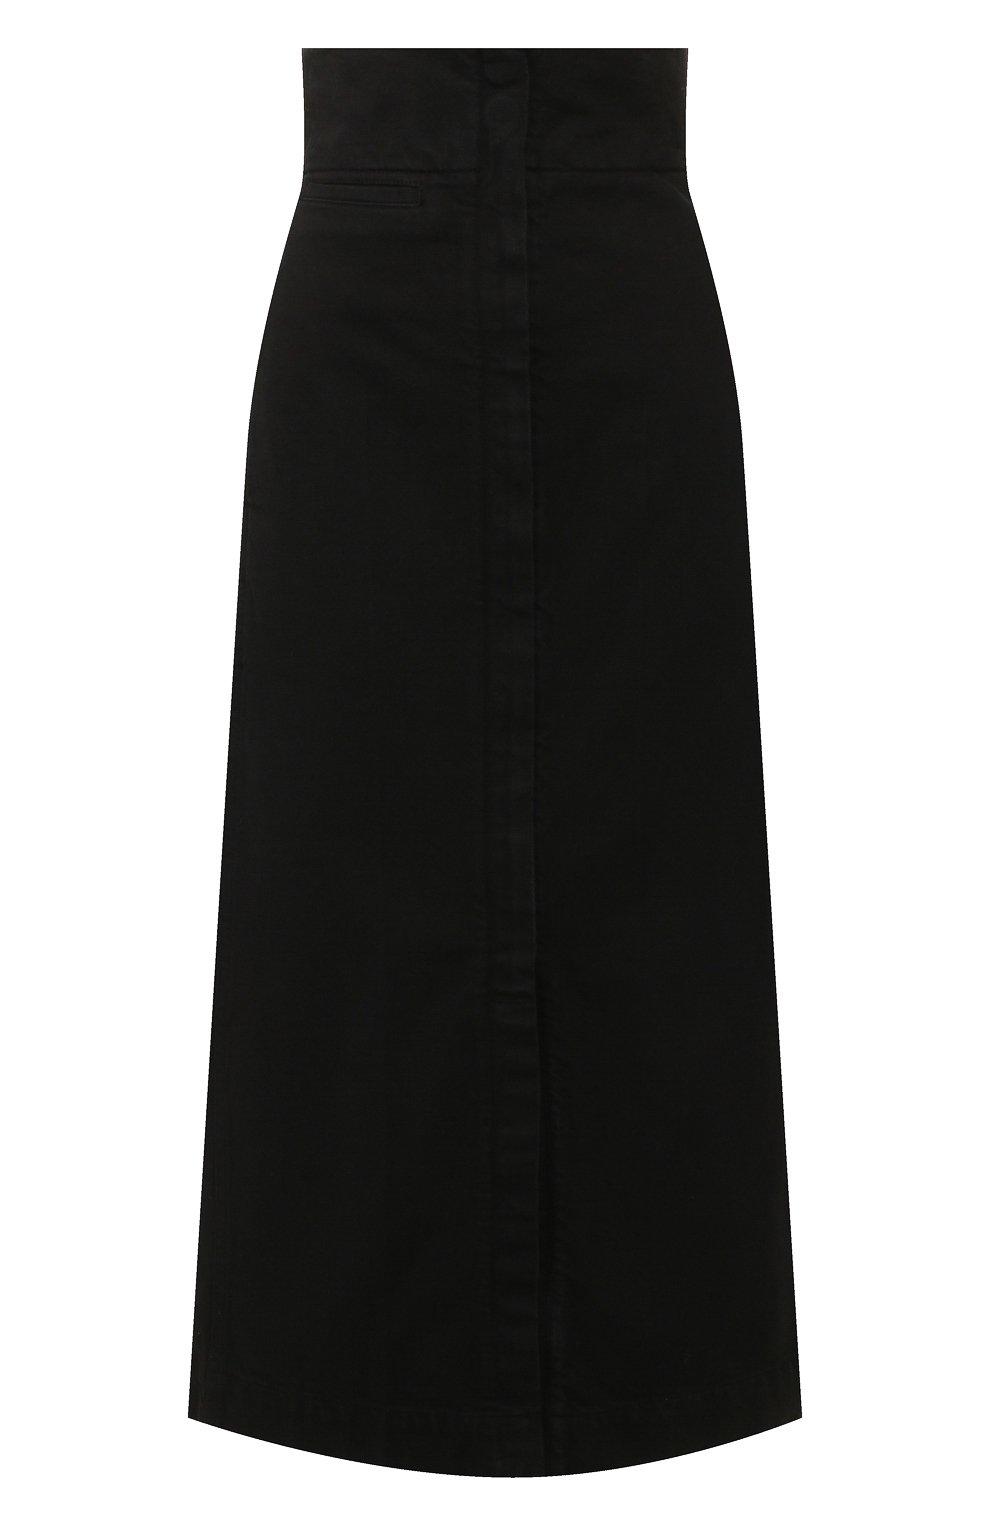 Женская джинсовая юбка LEMAIRE черного цвета, арт. W 194 SK233 LD034 | Фото 1 (Кросс-КТ: Деним; Материал внешний: Хлопок, Деним; Длина Ж (юбки, платья, шорты): Макси; Стили: Кэжуэл; Статус проверки: Проверена категория)